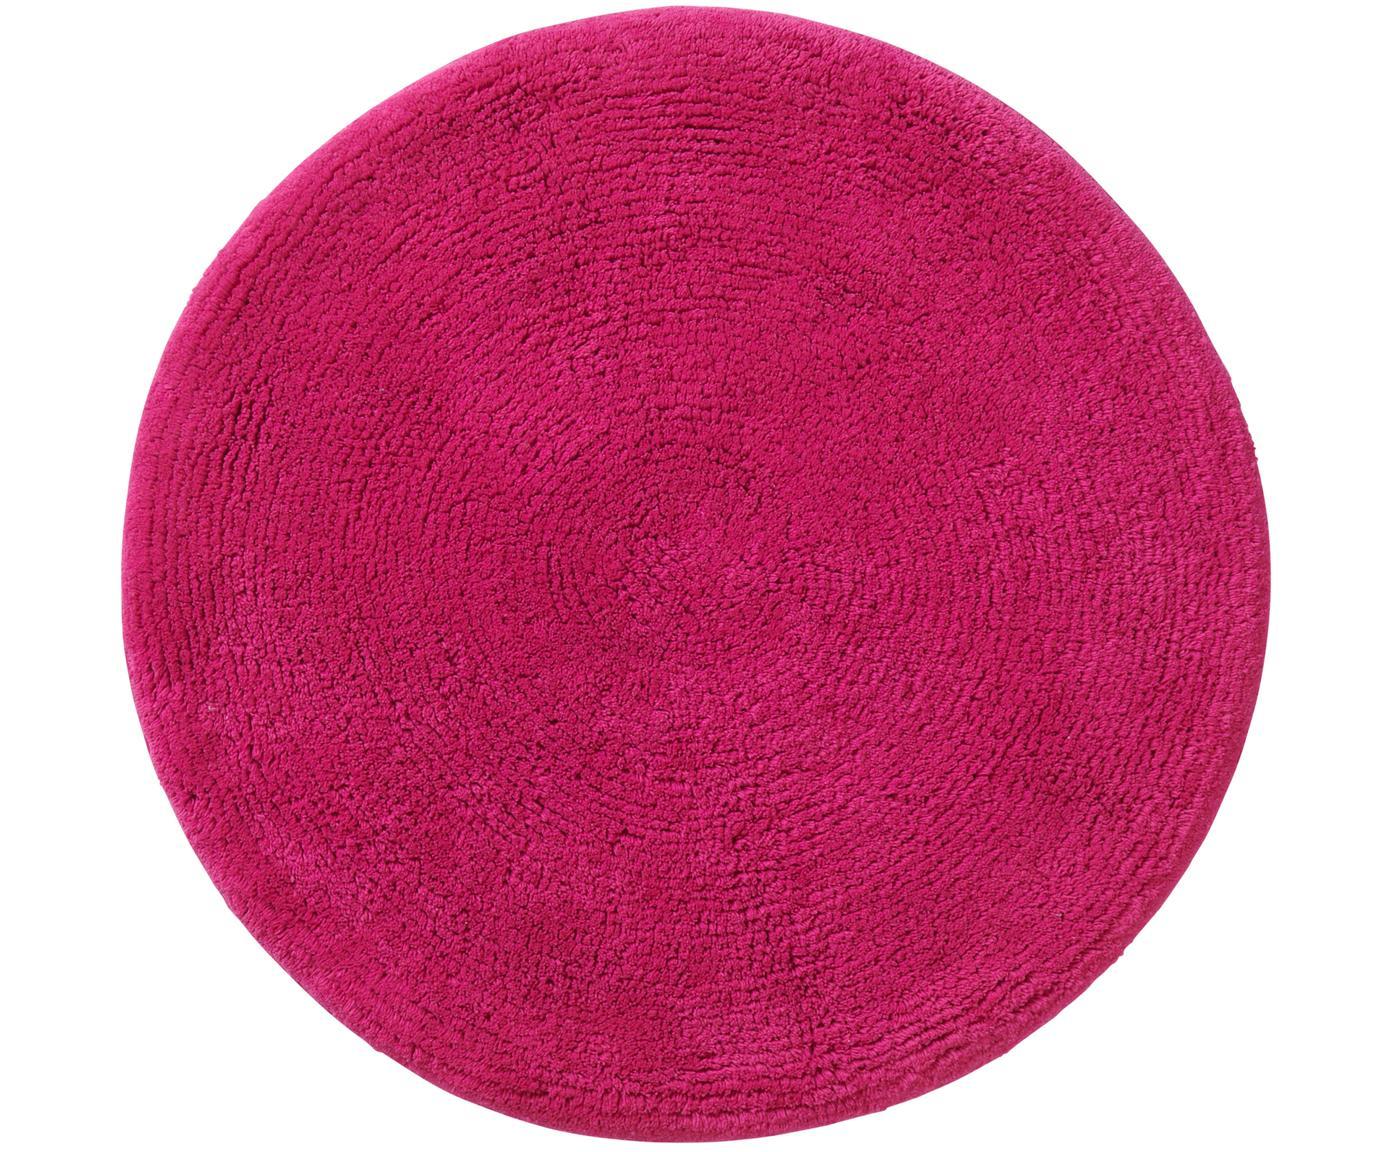 Tappeto bagno rotondo Emma, 100% cotone, Rosa, Ø 90 cm